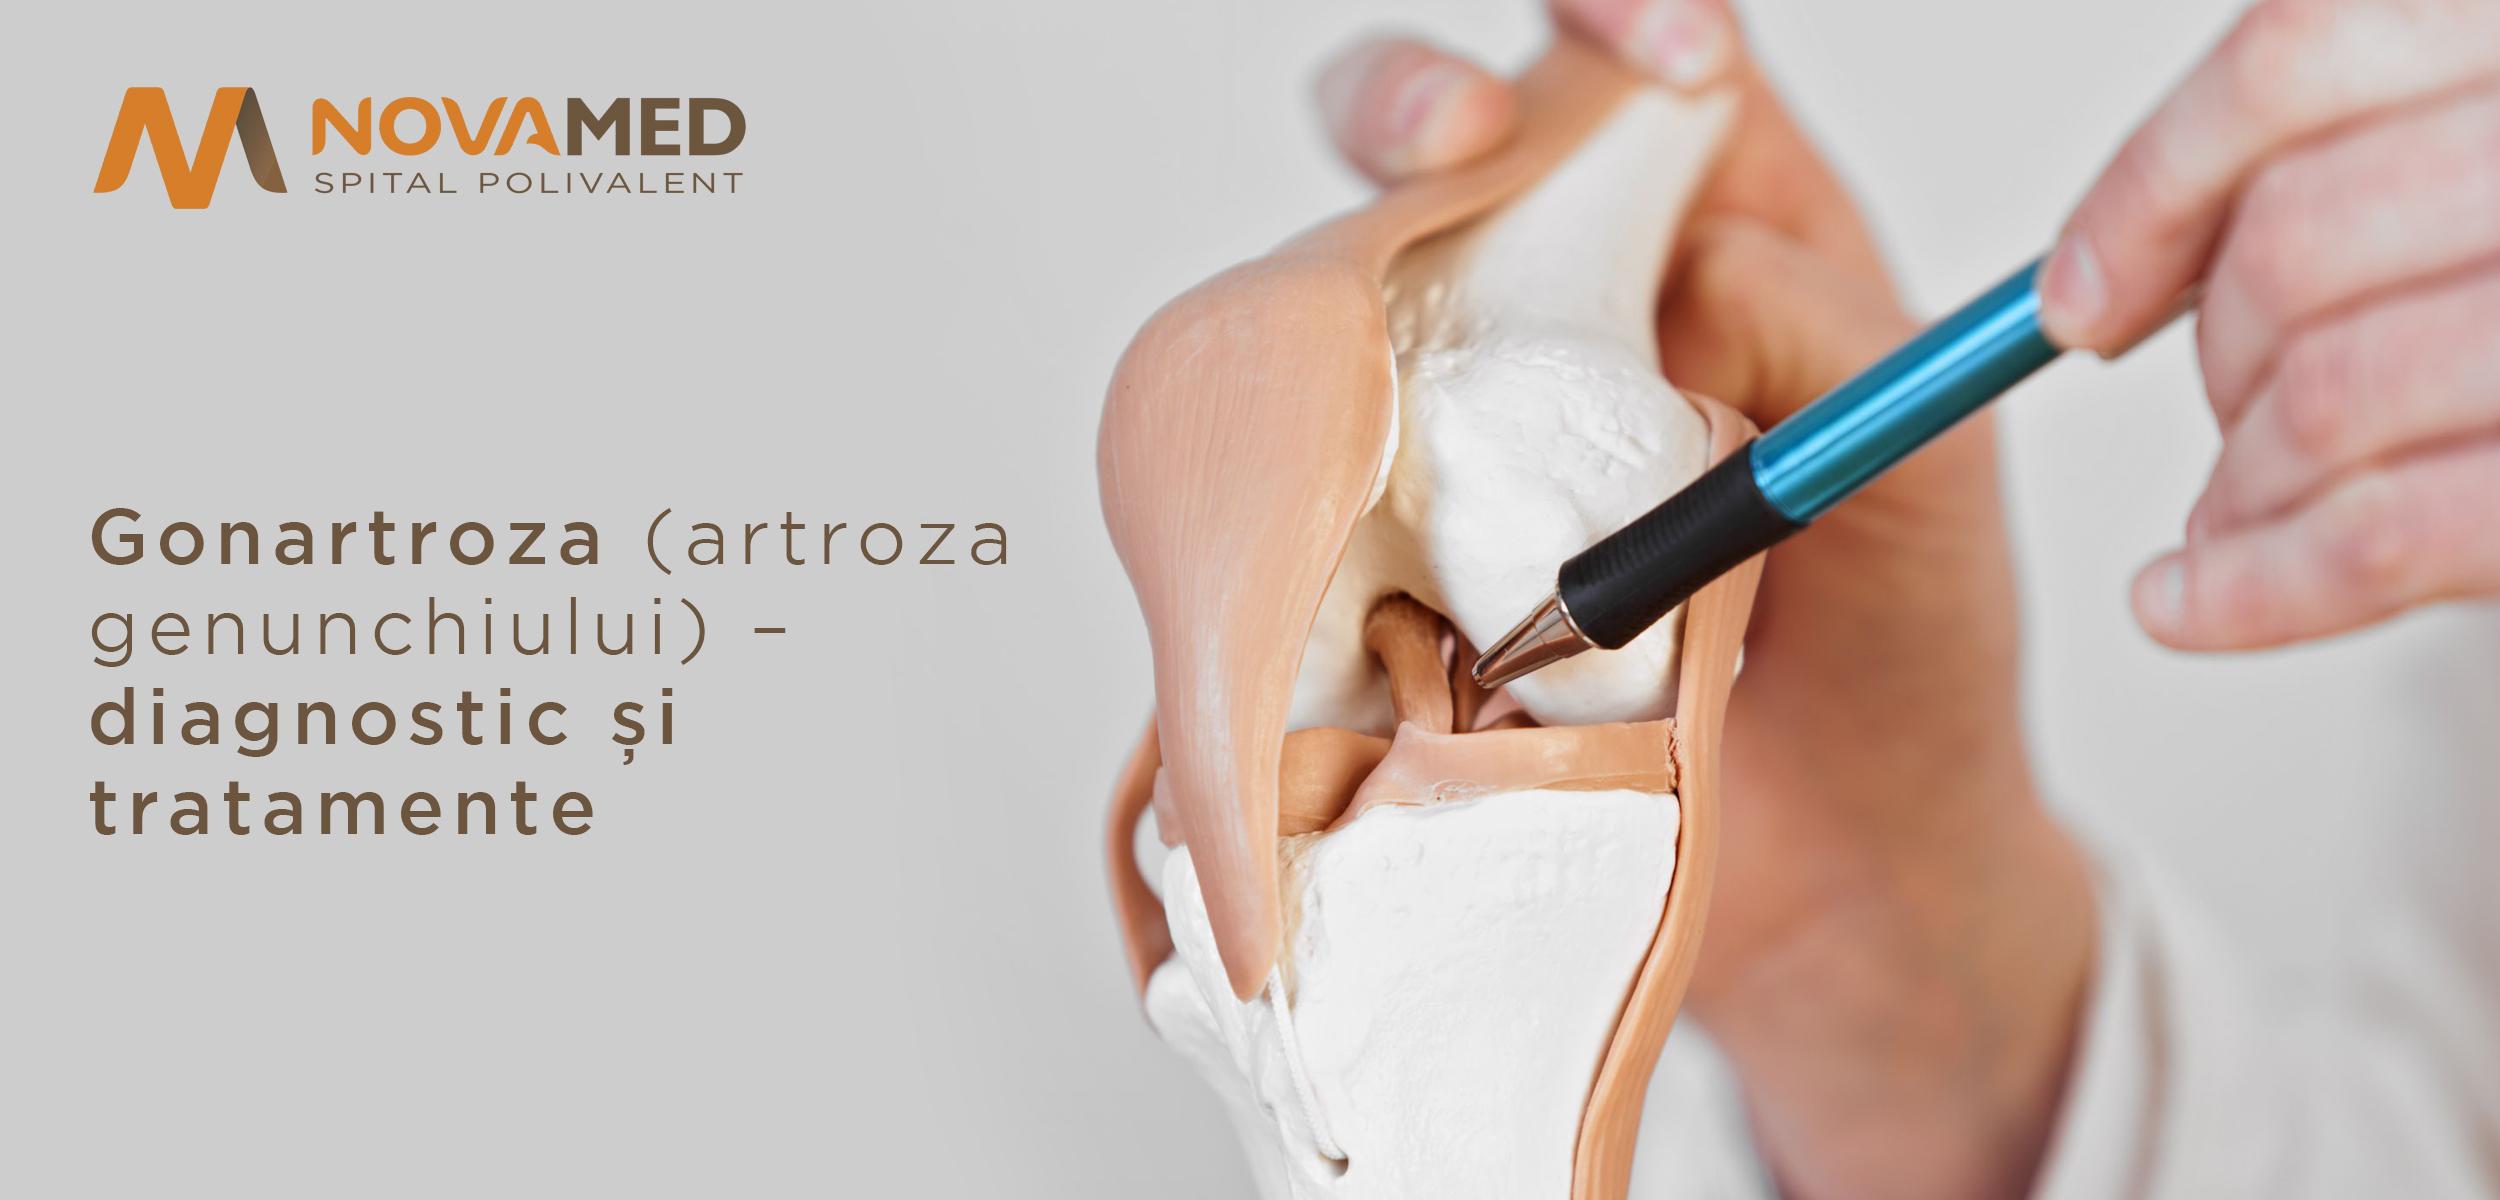 artroză tratamentul genunchiului când să bea glucozamină și condroitină